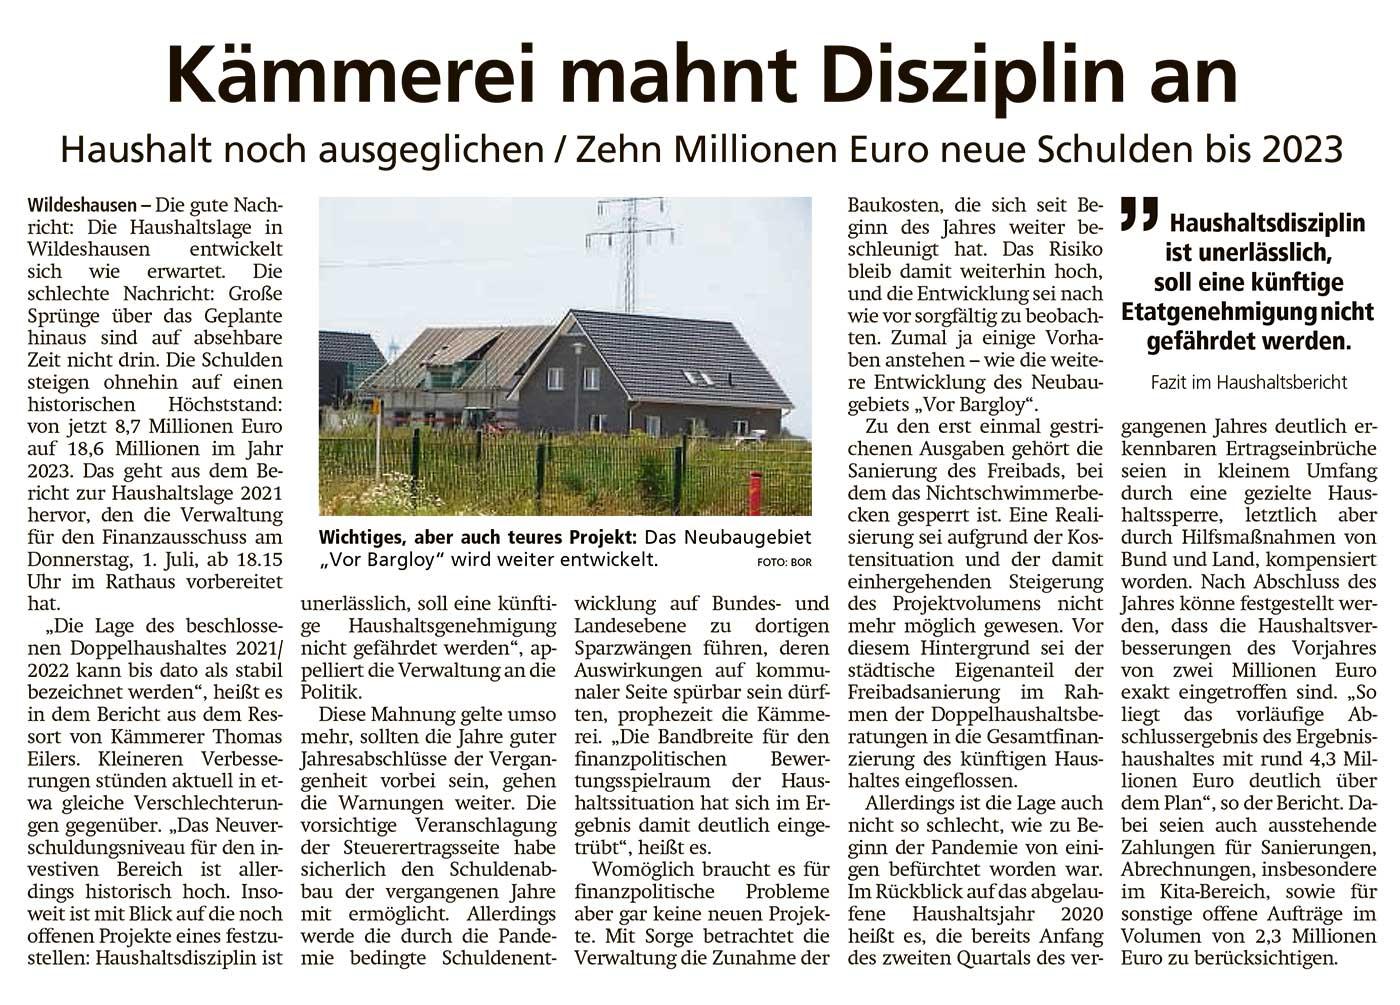 Kämmerei mahnt Disziplin anHaushalt noch ausgeglichen / Zehn Millionen Euro neue Schulden bis 2023Artikel vom 29.06.2021 (WZ)